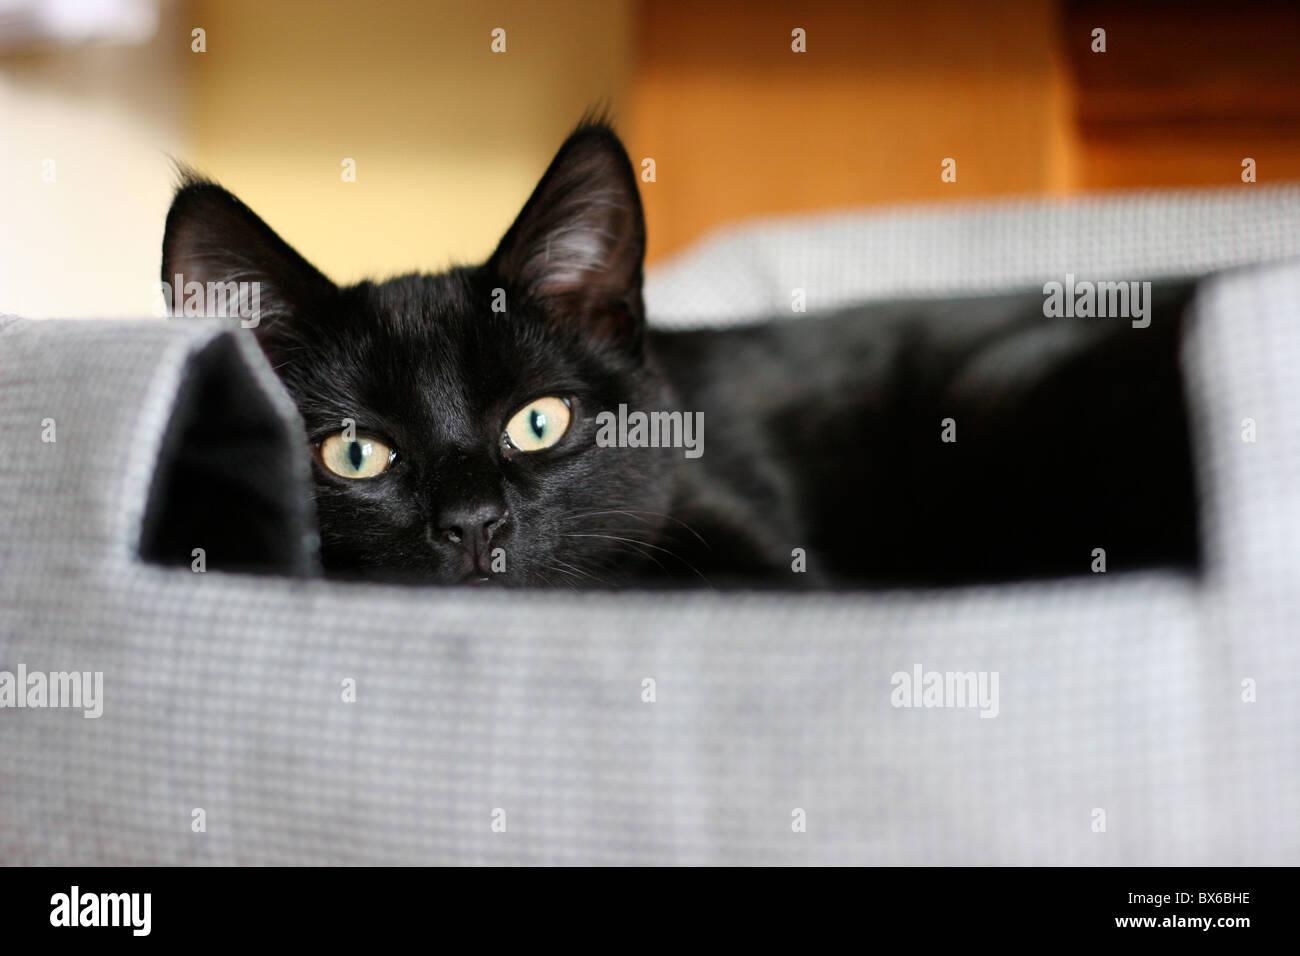 Black cat in bed - Stock Image